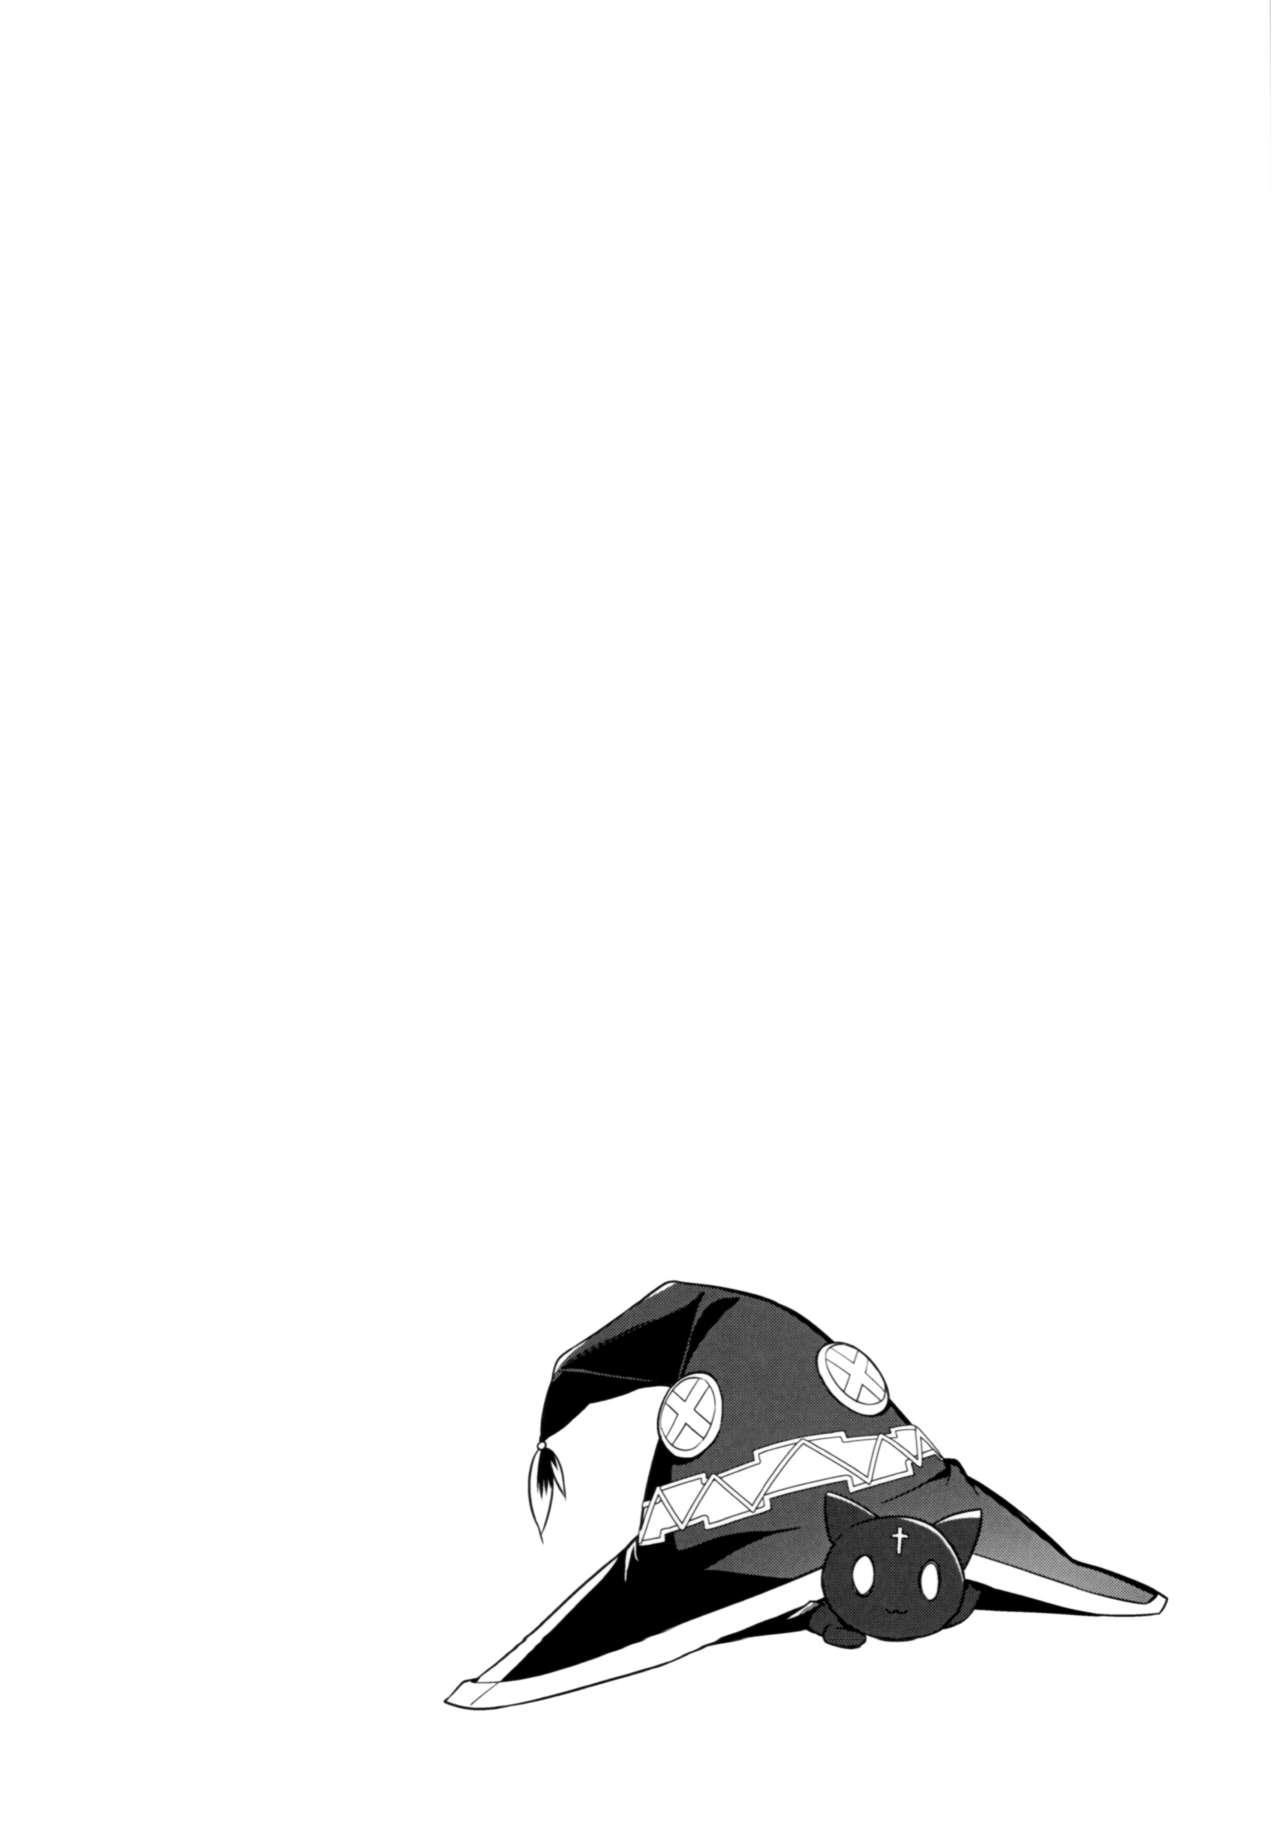 Kono Bakuretsu Musume to Icha Love o! | Making Love to This Explosive Girl! 2